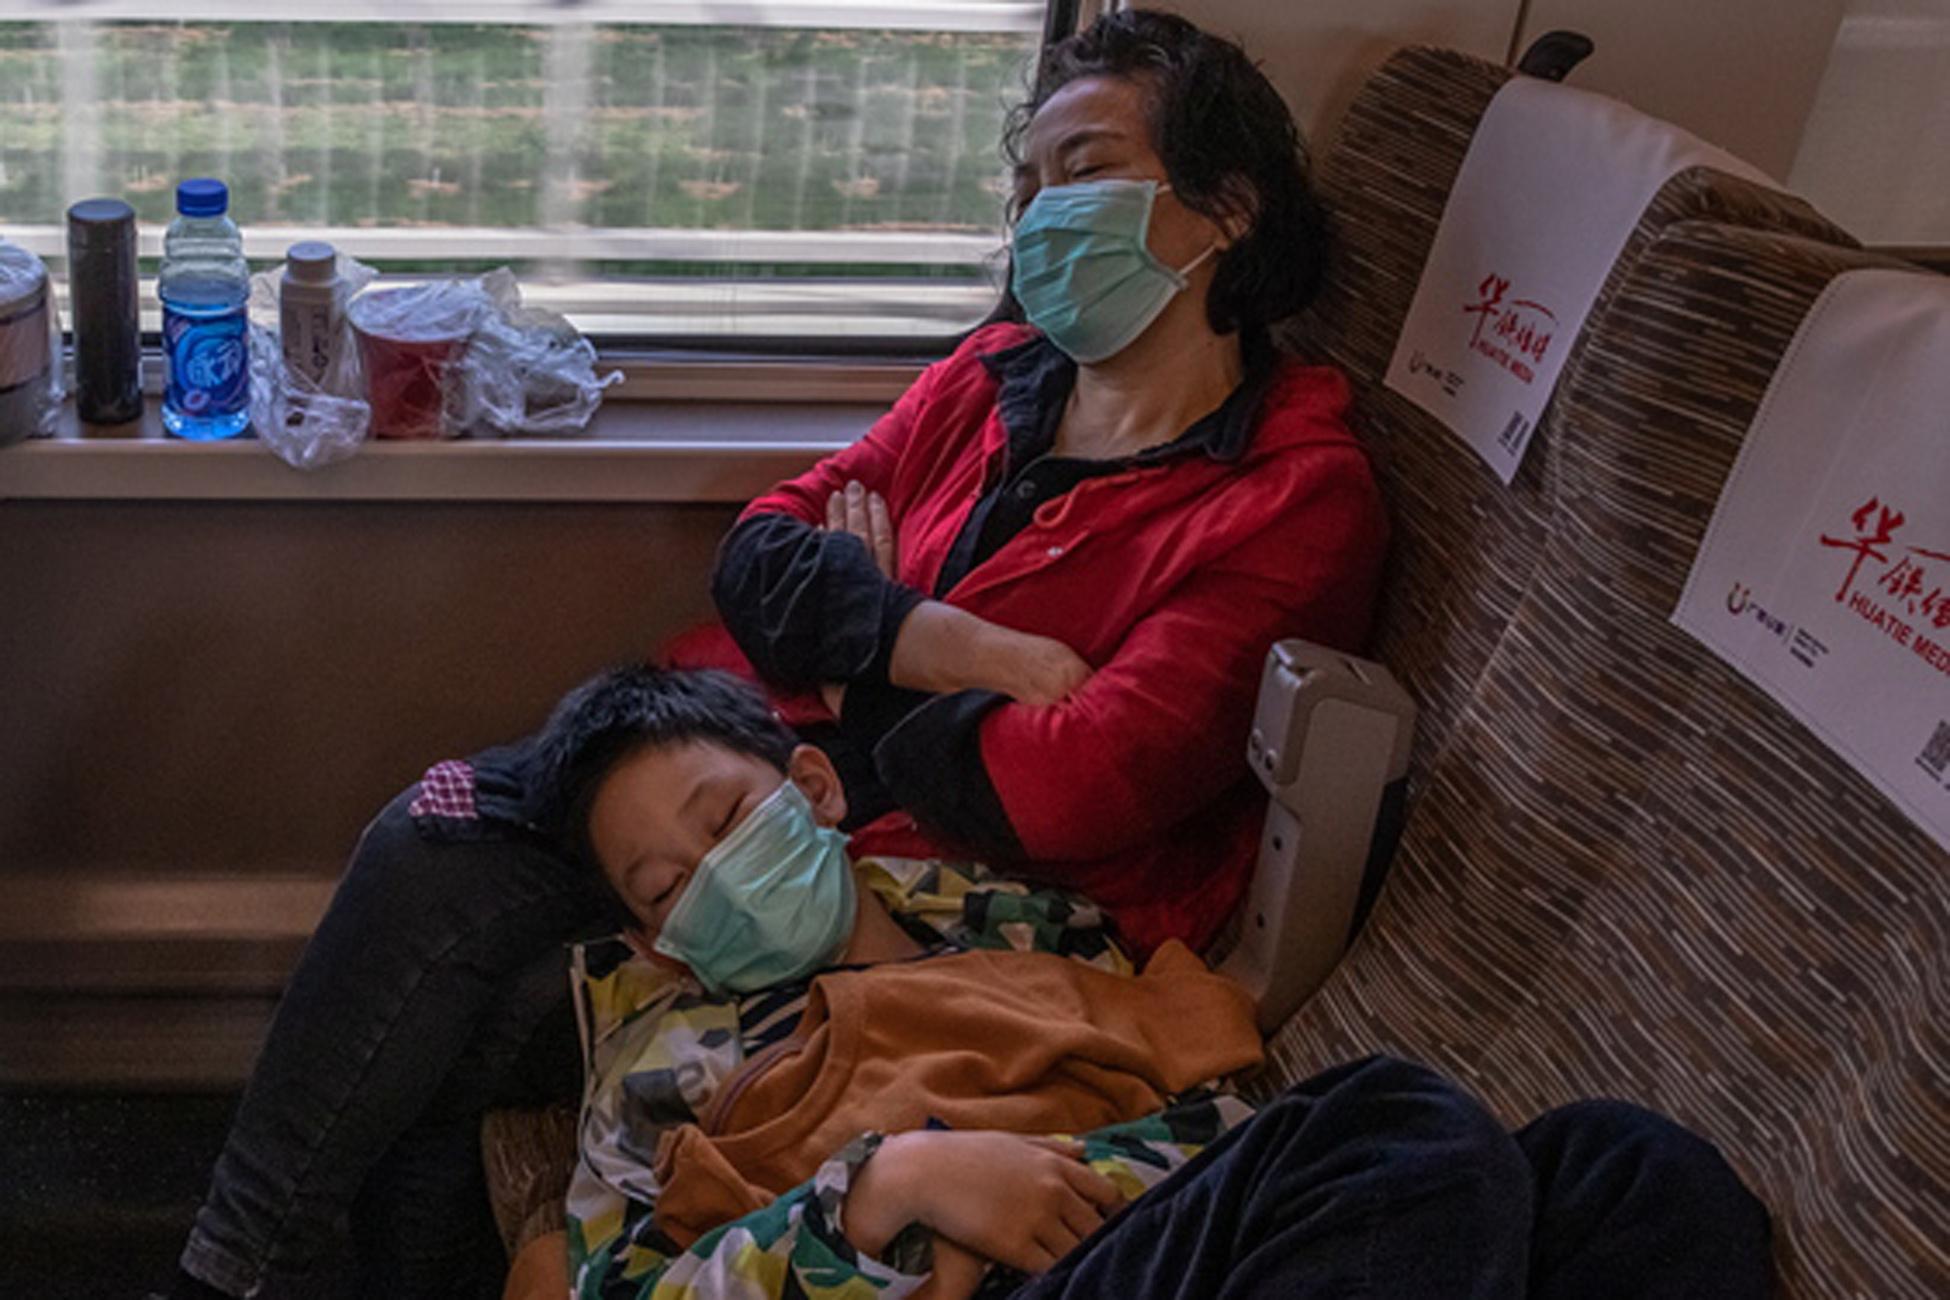 Κορονοϊός: Αυξημένος κίνδυνος σοβαρής νόσησης για όσους δεν κοιμούνται καλά